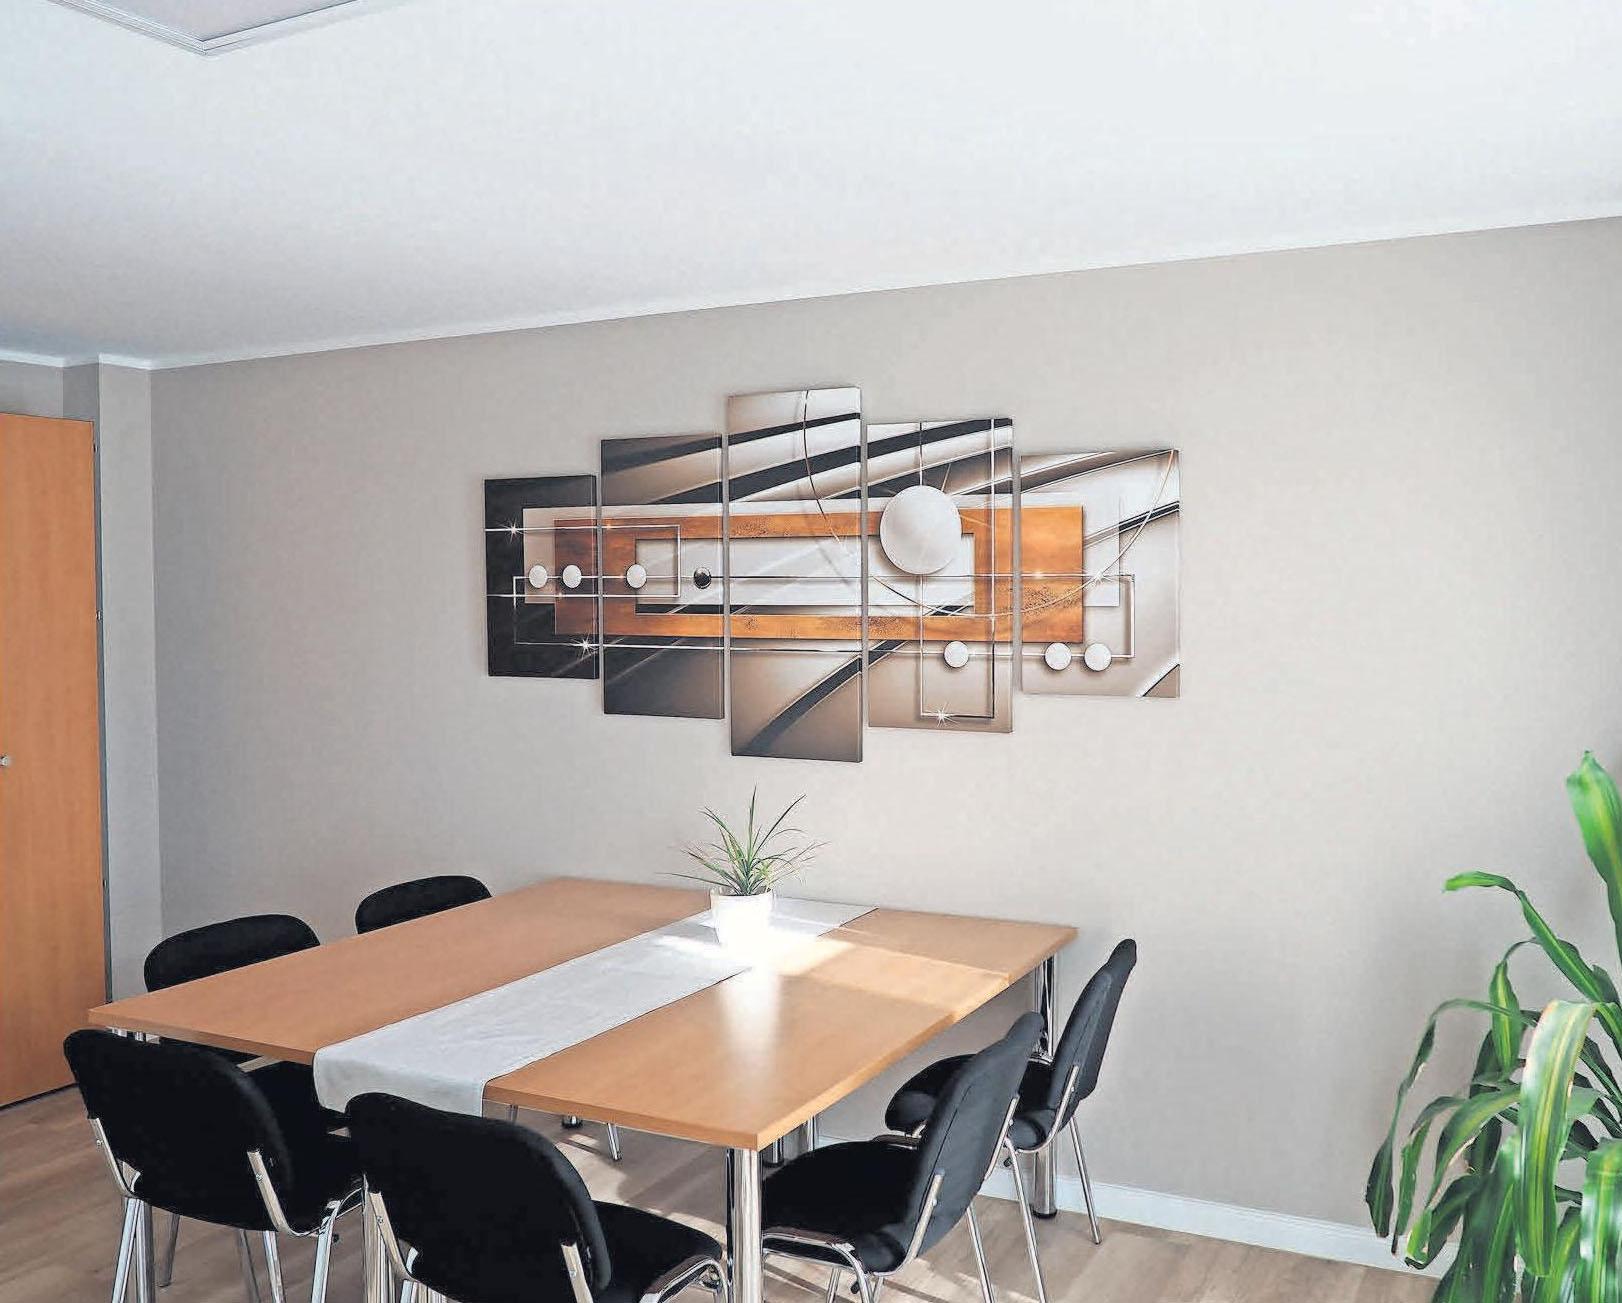 Der große Besprechungsraum im Erdgeschoss bietet viel Platz für Meetings und auch für Eigentümerversammlungen.